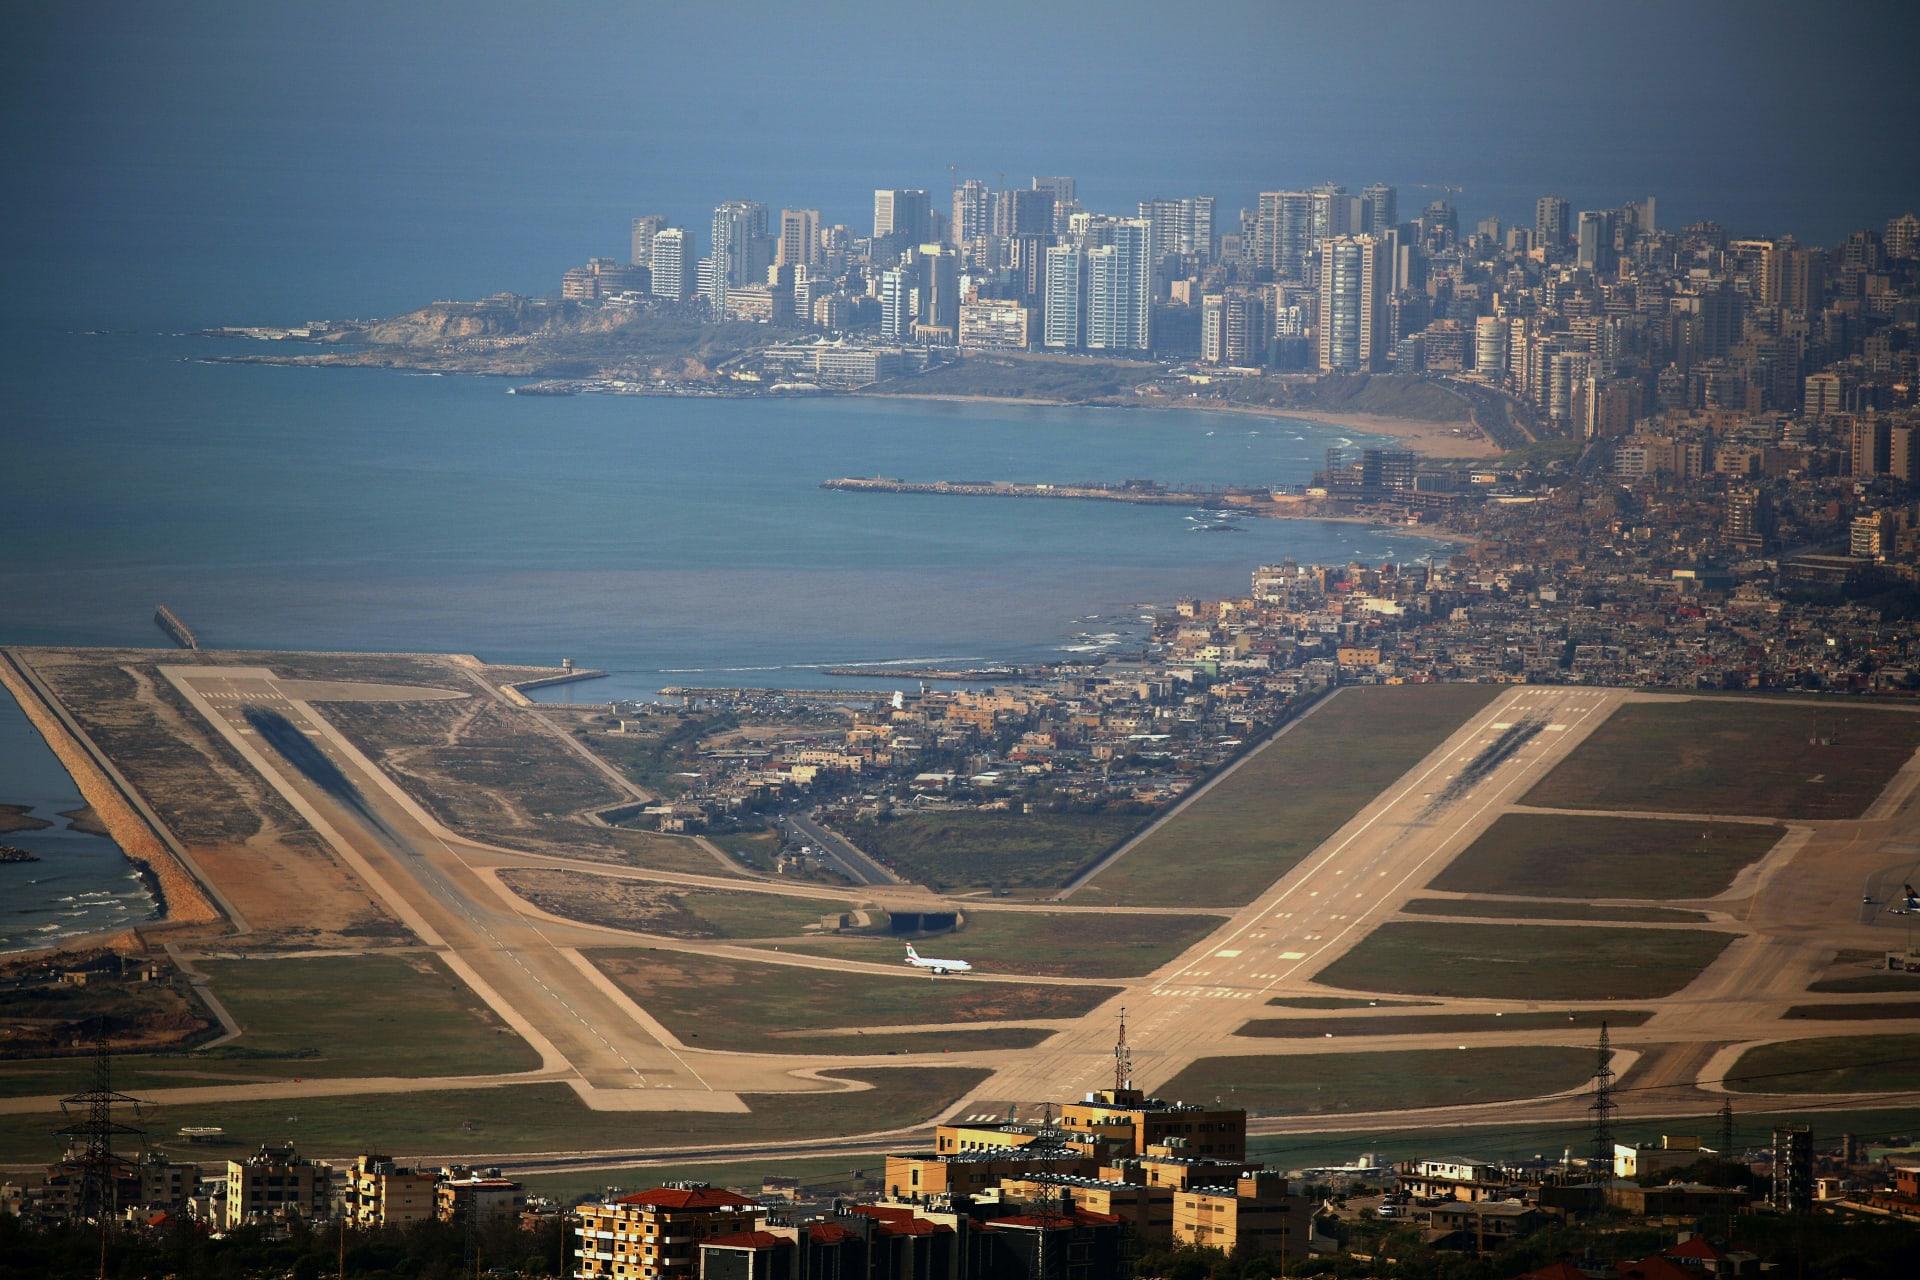 """طائرة كويتية ترتطم بـ""""كتلة ثلجية"""" خلال رحلتها إلى لبنان"""